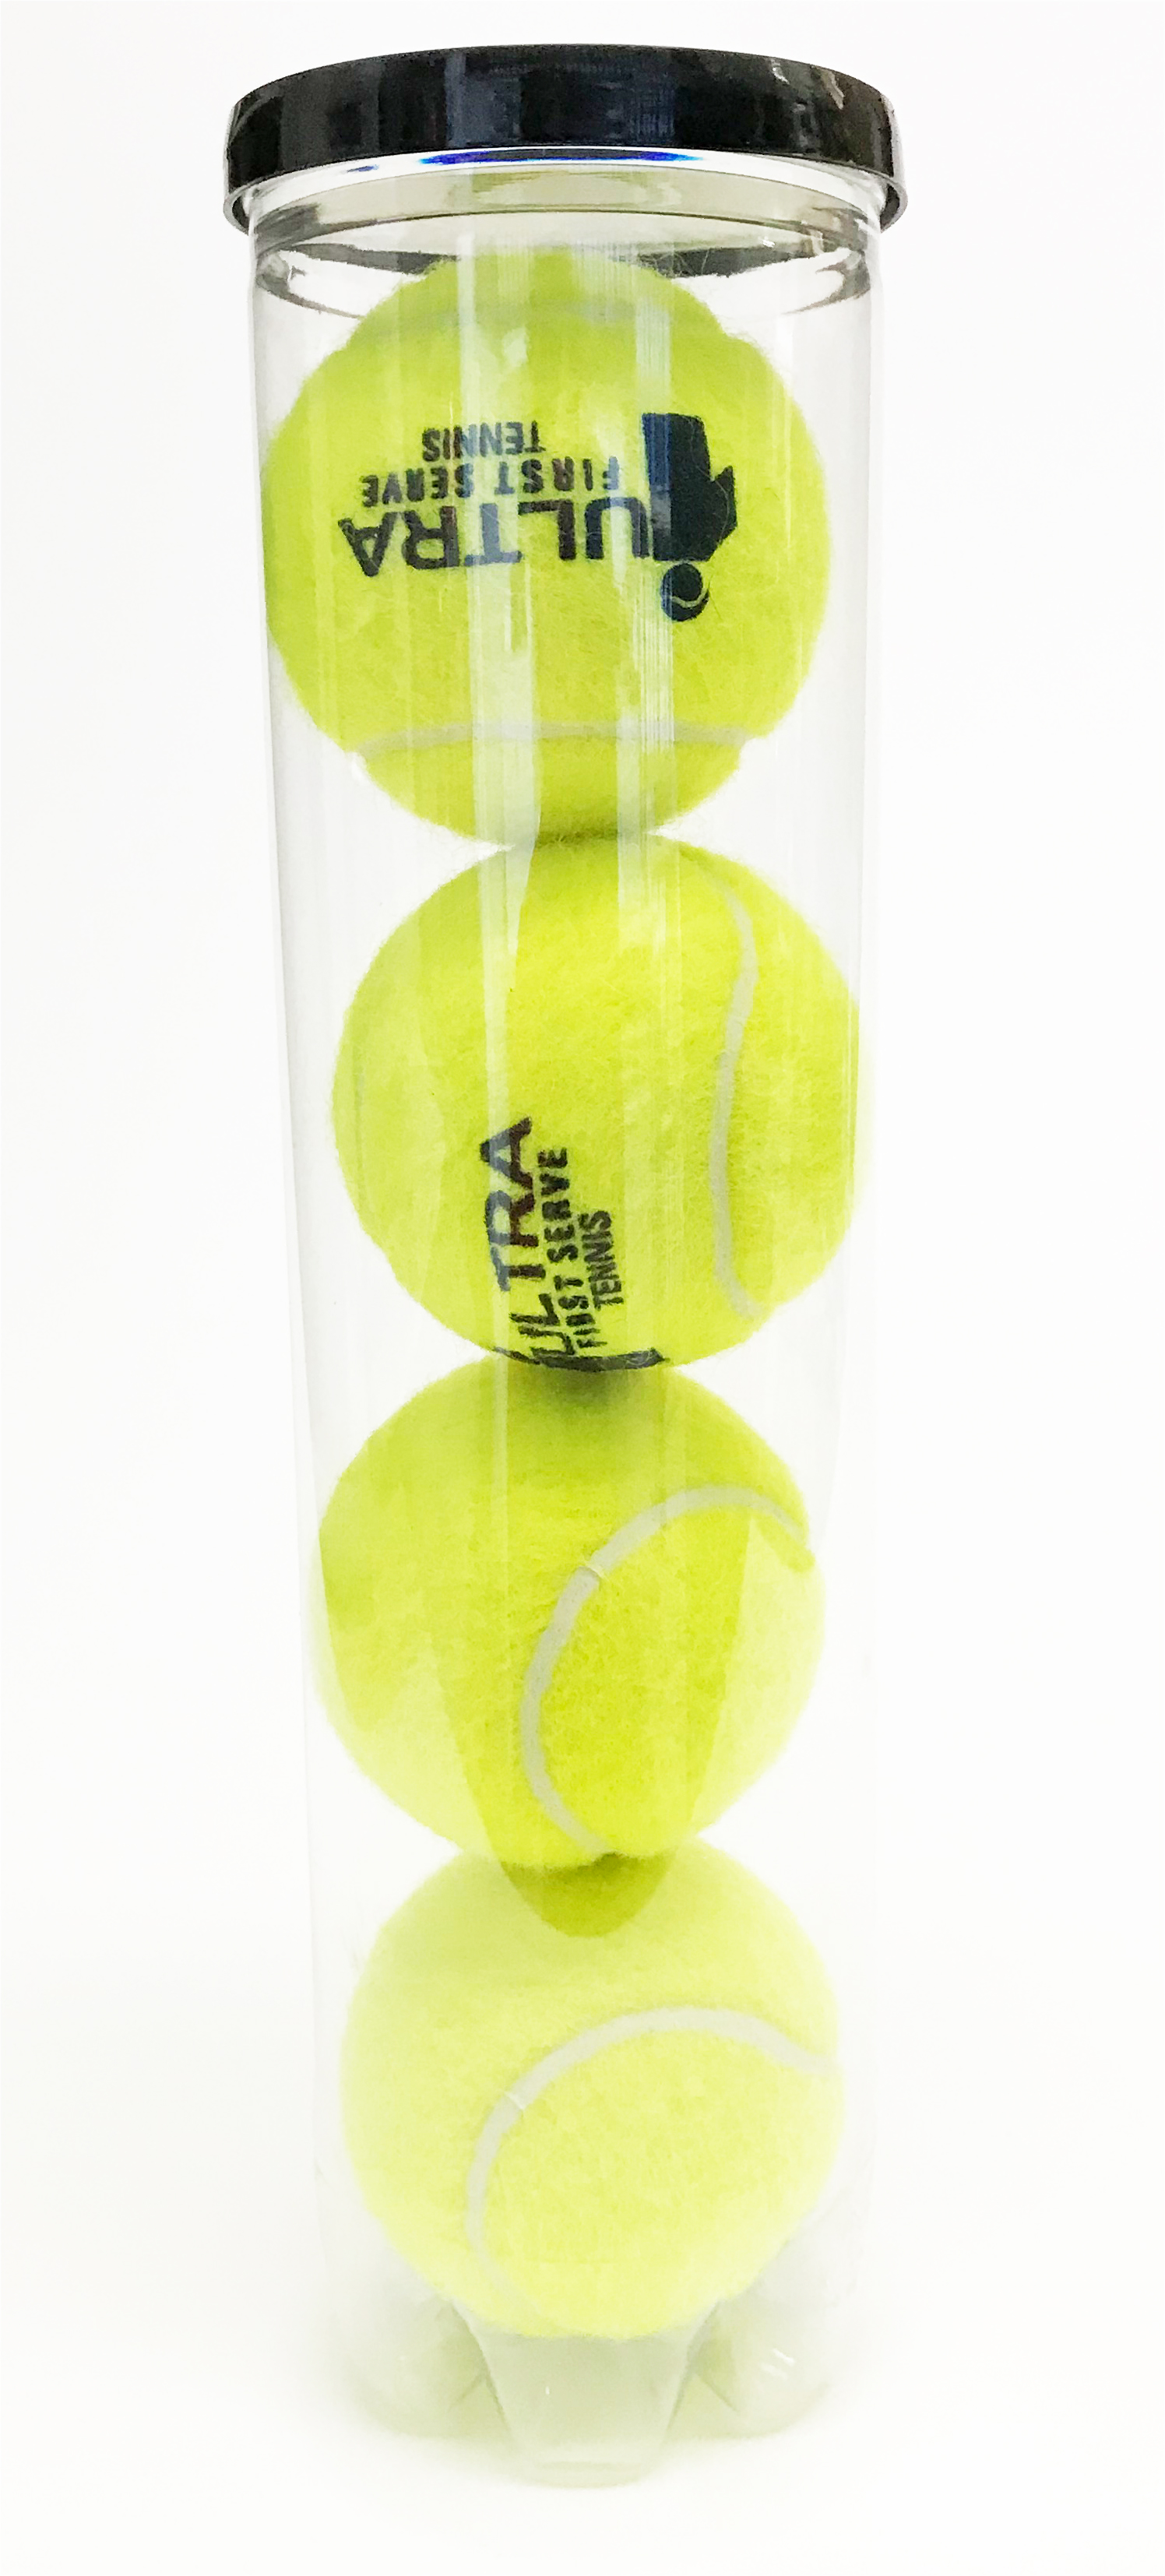   Tennisbälle FST Ultra 4er Dose   Online kaufen